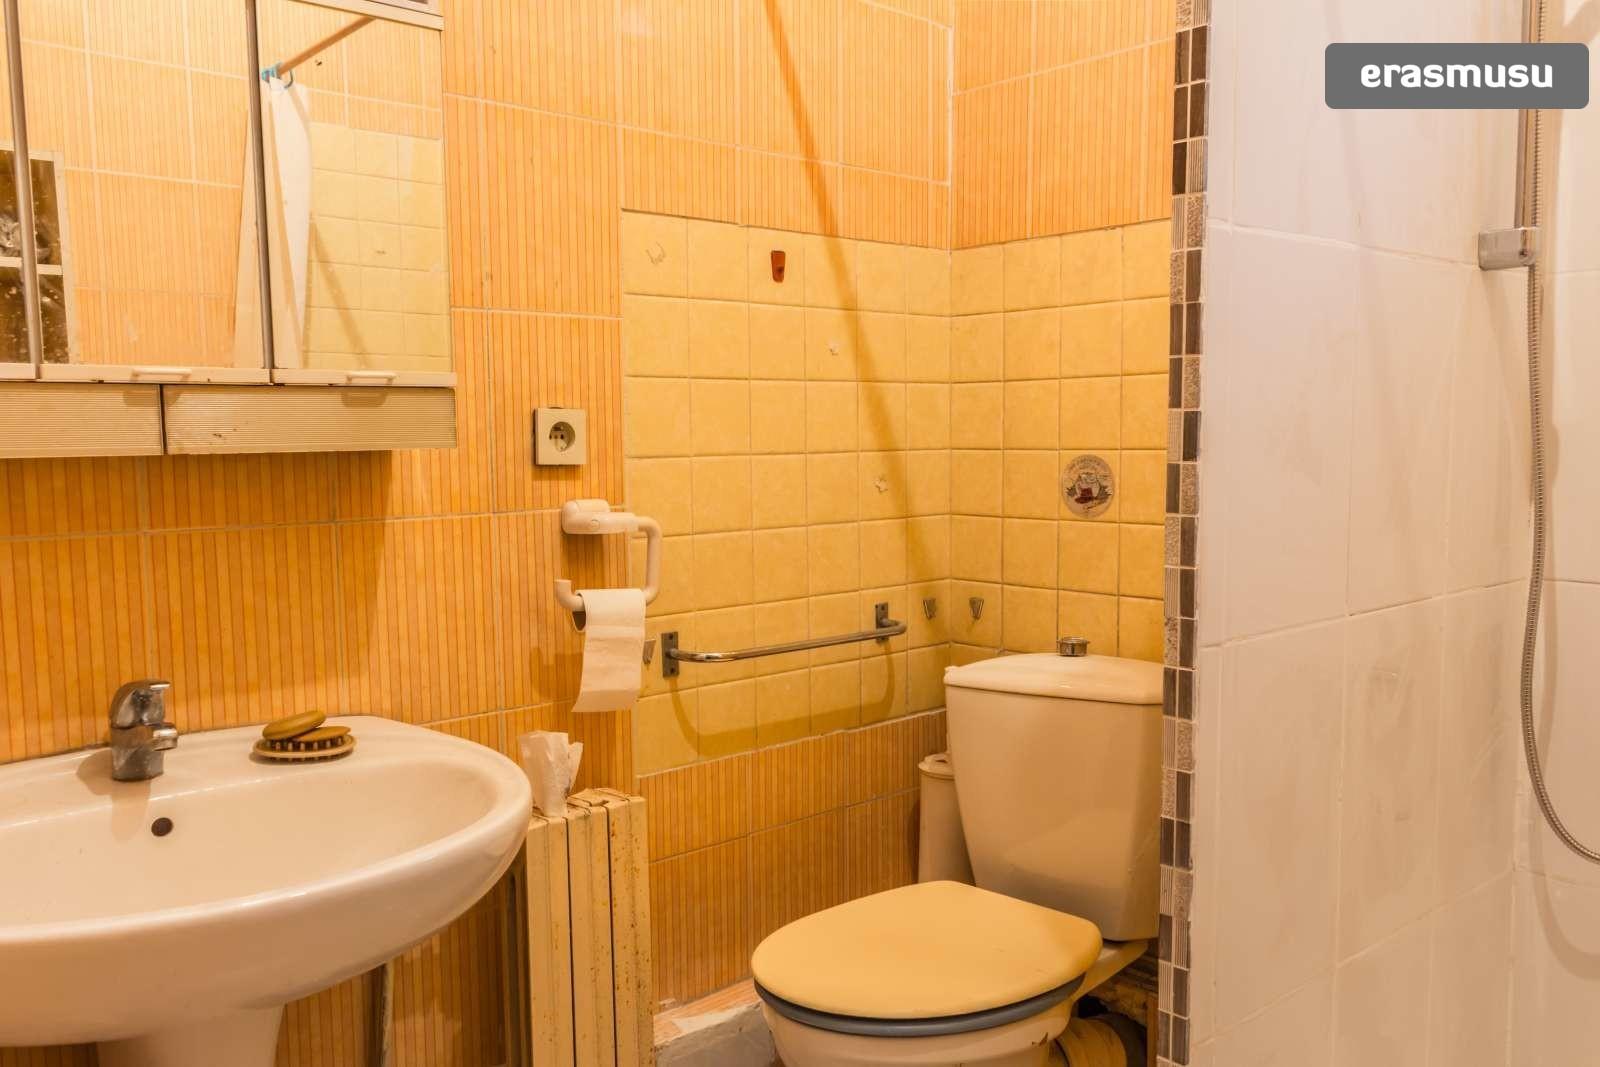 large-1-bedroom-apartment-dryer-rent-villeurbanne-area-815ed995d